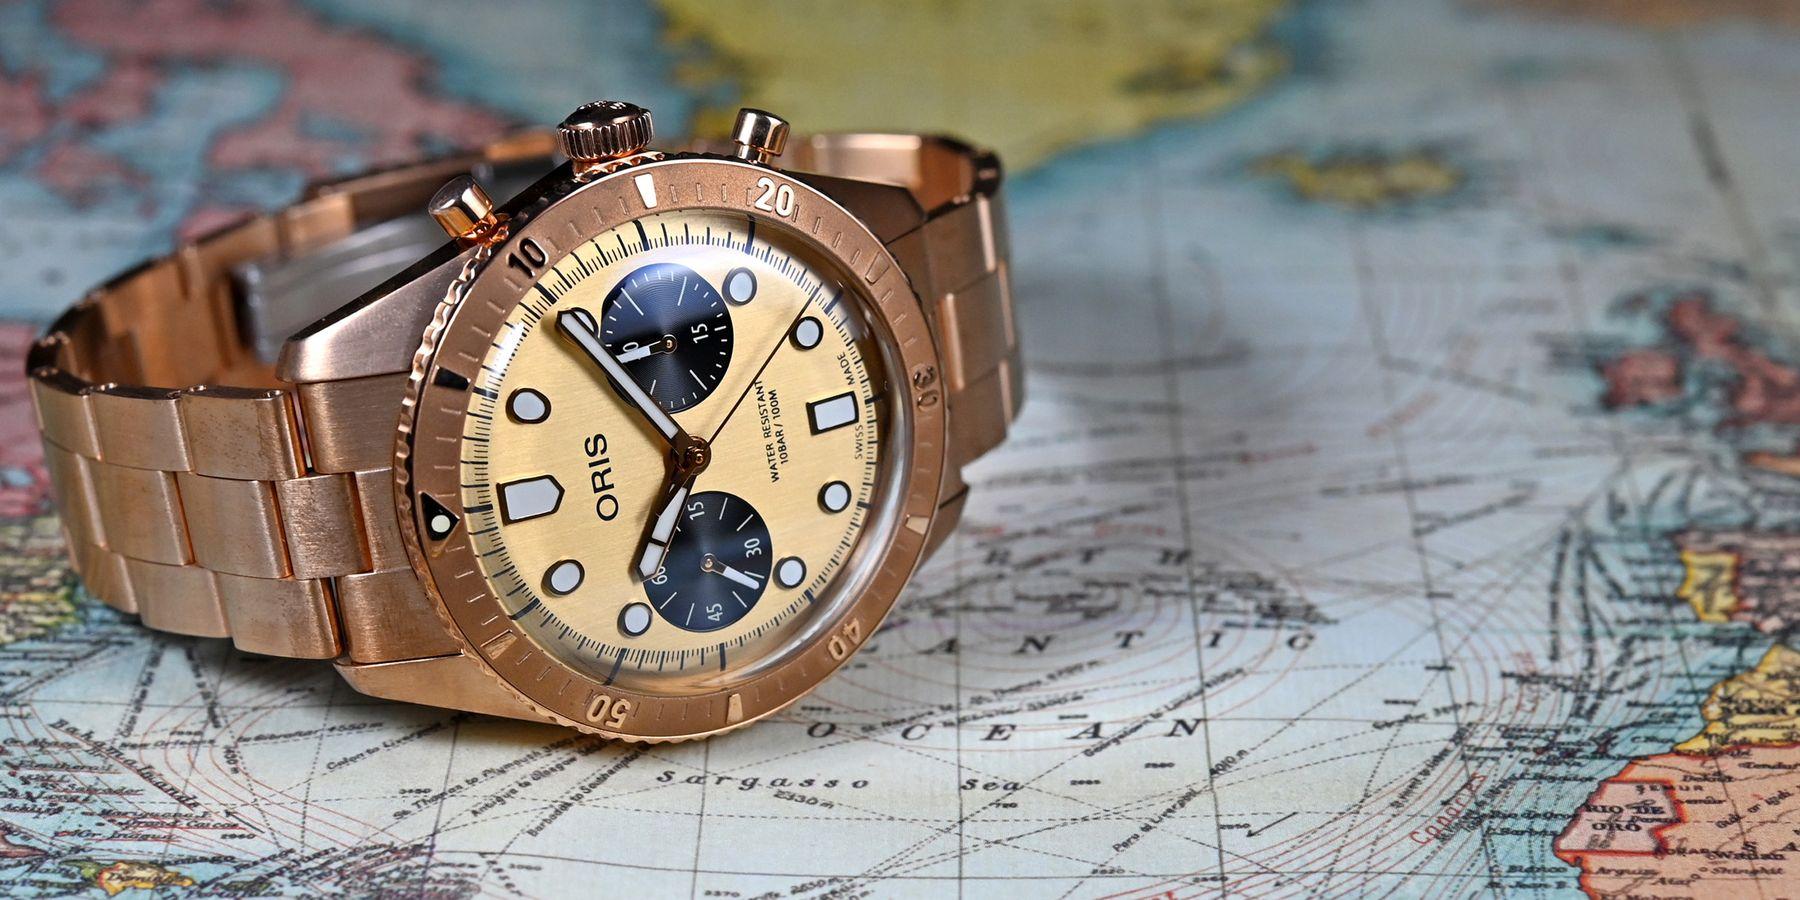 【每週一錶】青銅材質新玩法:Oris Hölstein 2020限量腕錶